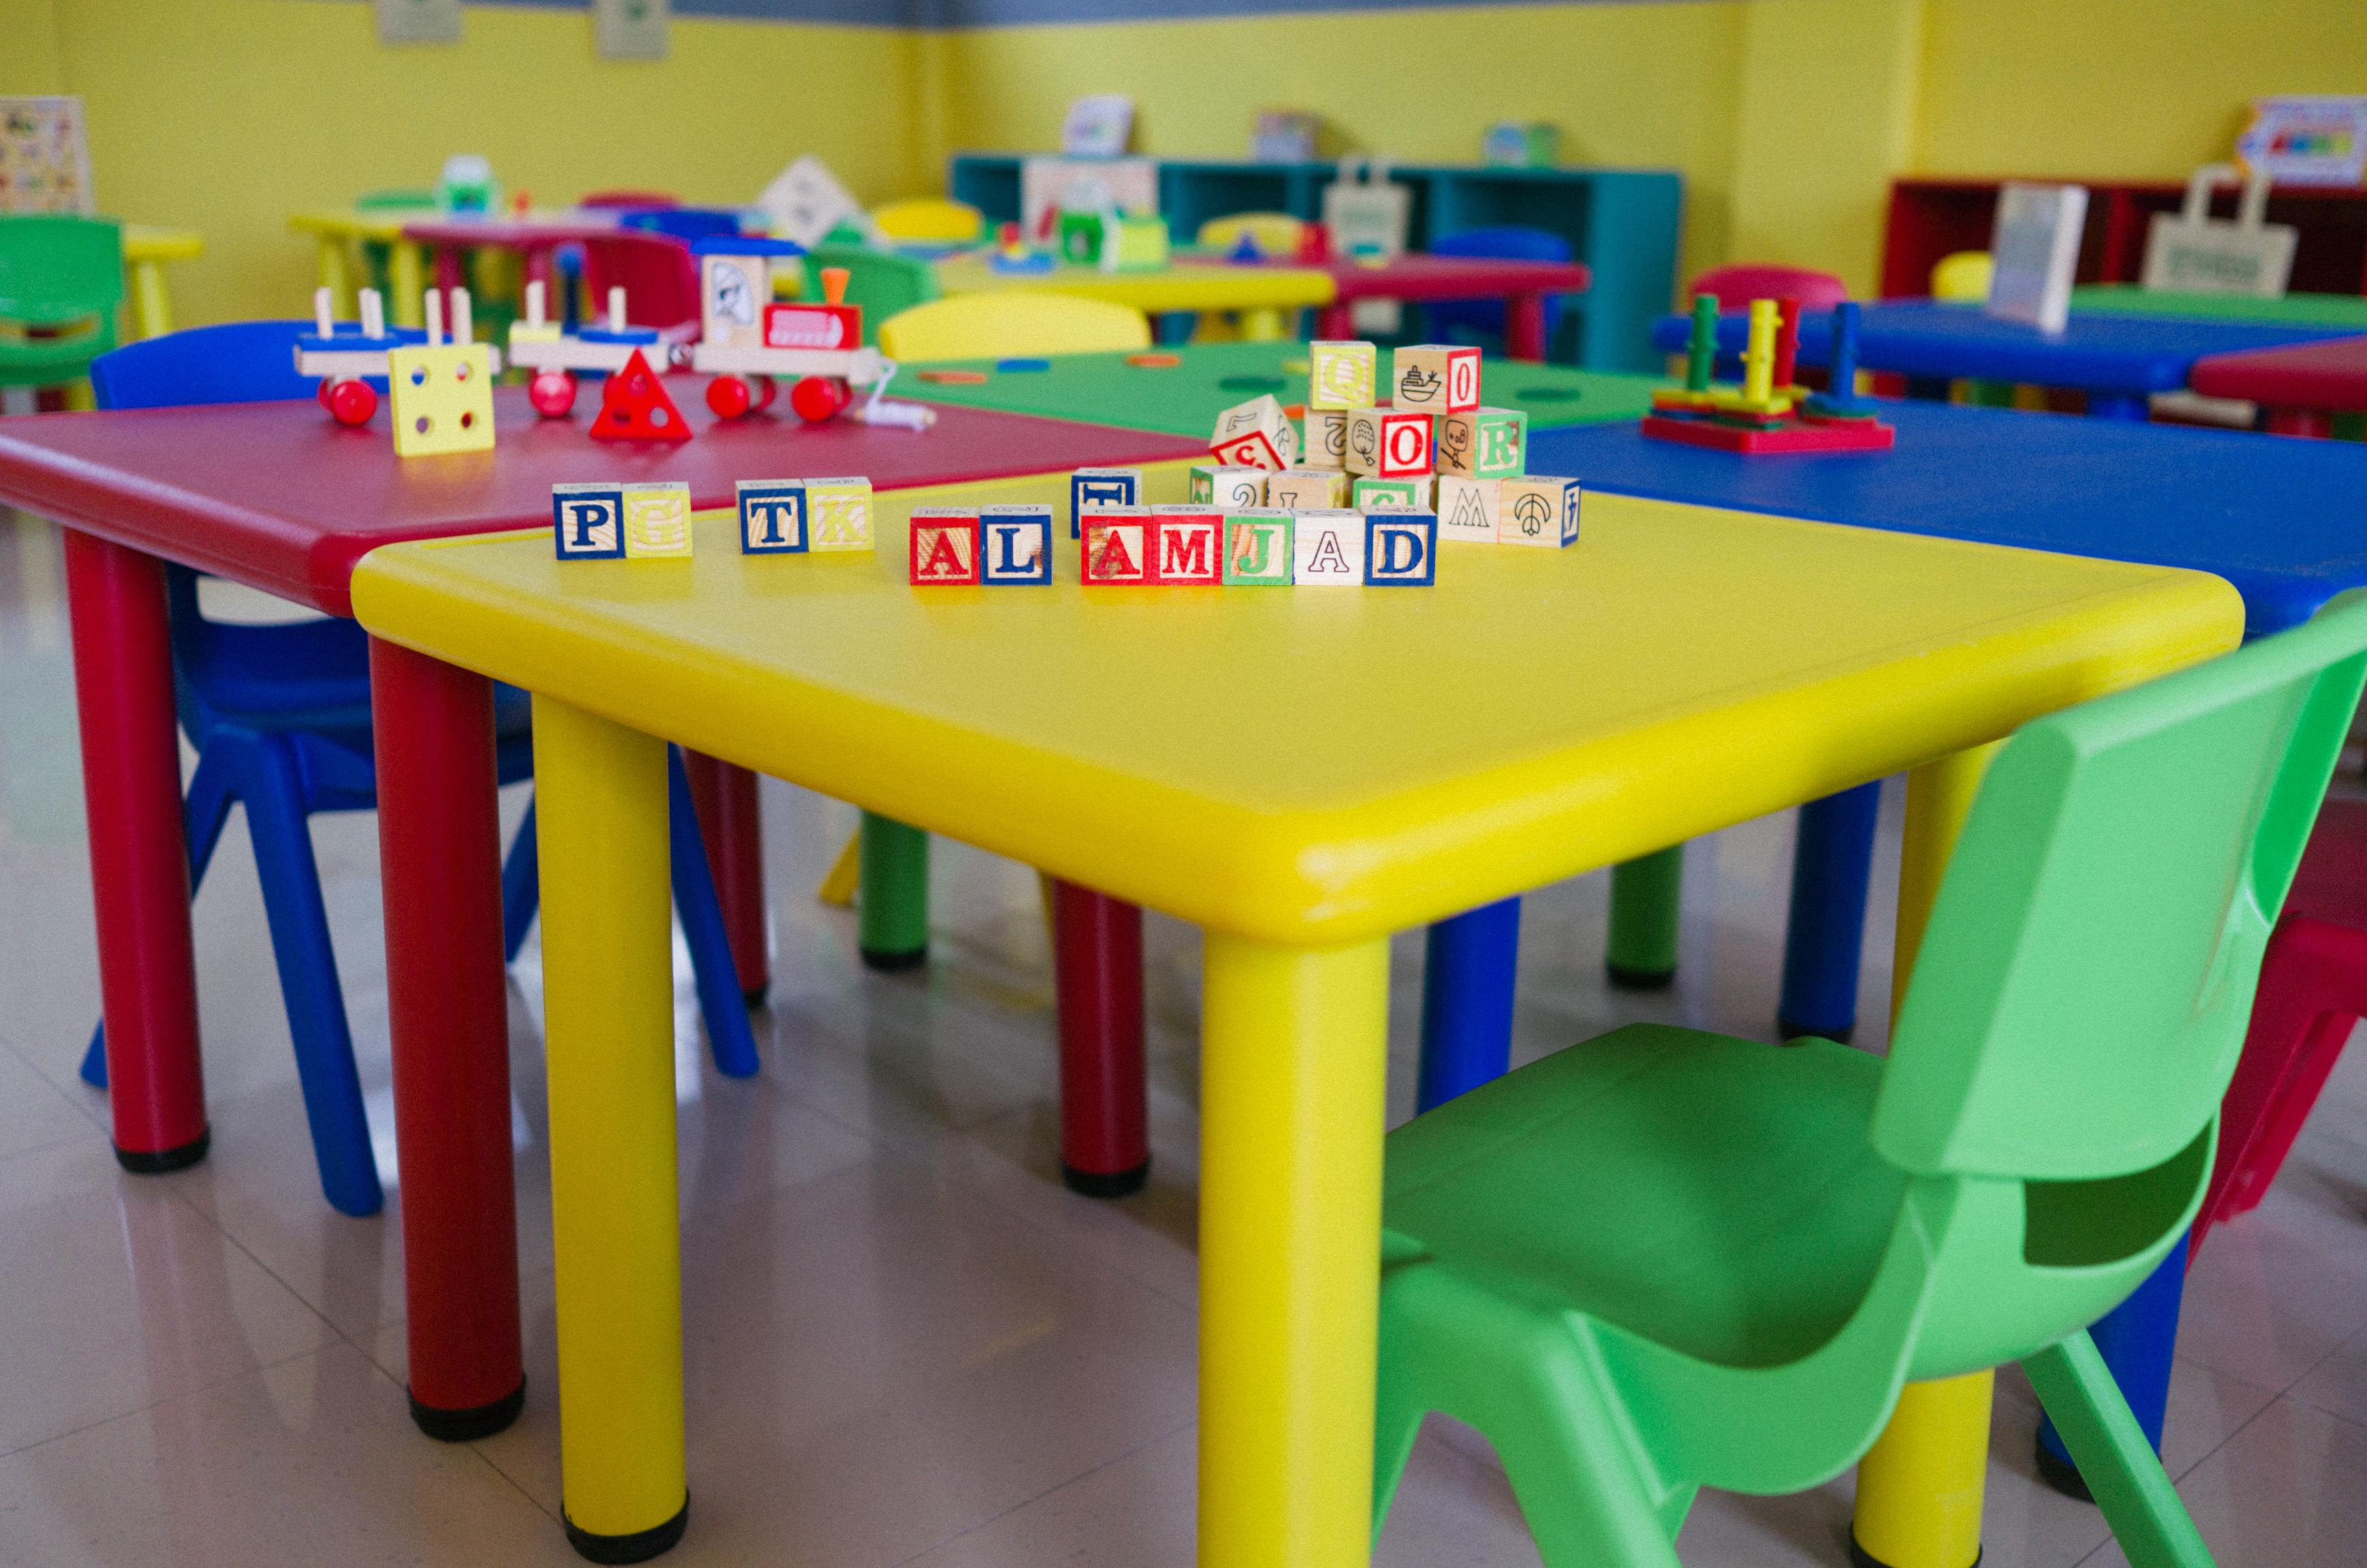 Ruang Belajar PG-TK